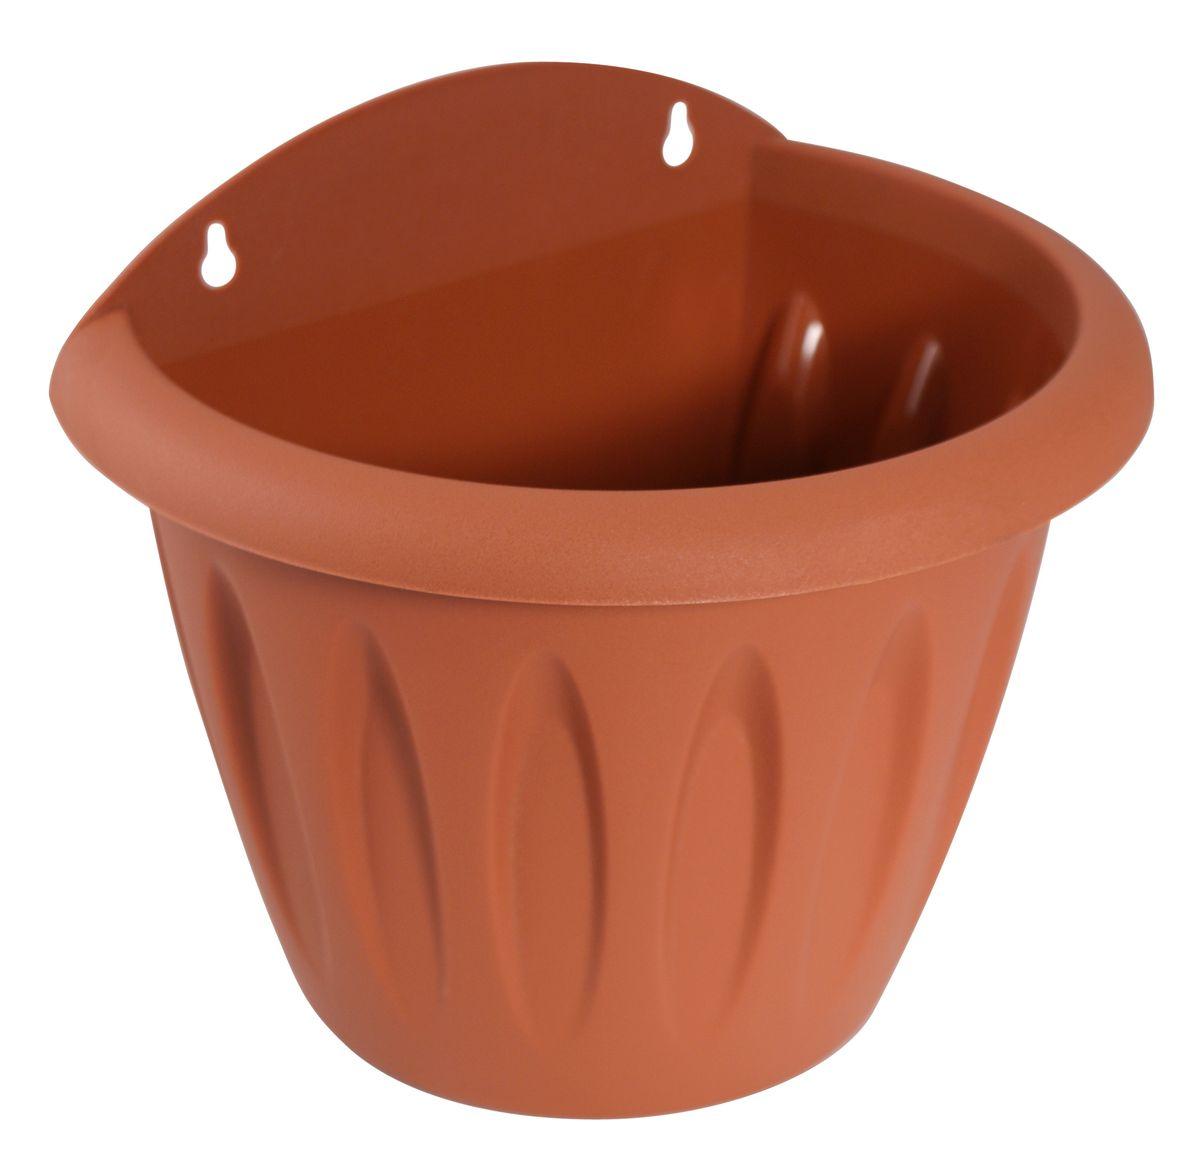 Кашпо настенное Martika Фелиция, цвет: терракотовый, 24 х 17,5 х 20,7 см41624Настенное кашпо Martika Фелиция изготовлено из высококачественного пластика и имеет два удобных отверстия для крепления.Изделие прекрасно подойдет для выращивания растений дома и на приусадебных участках. Размер изделия: 24 х 17,5 х 20,7 см.